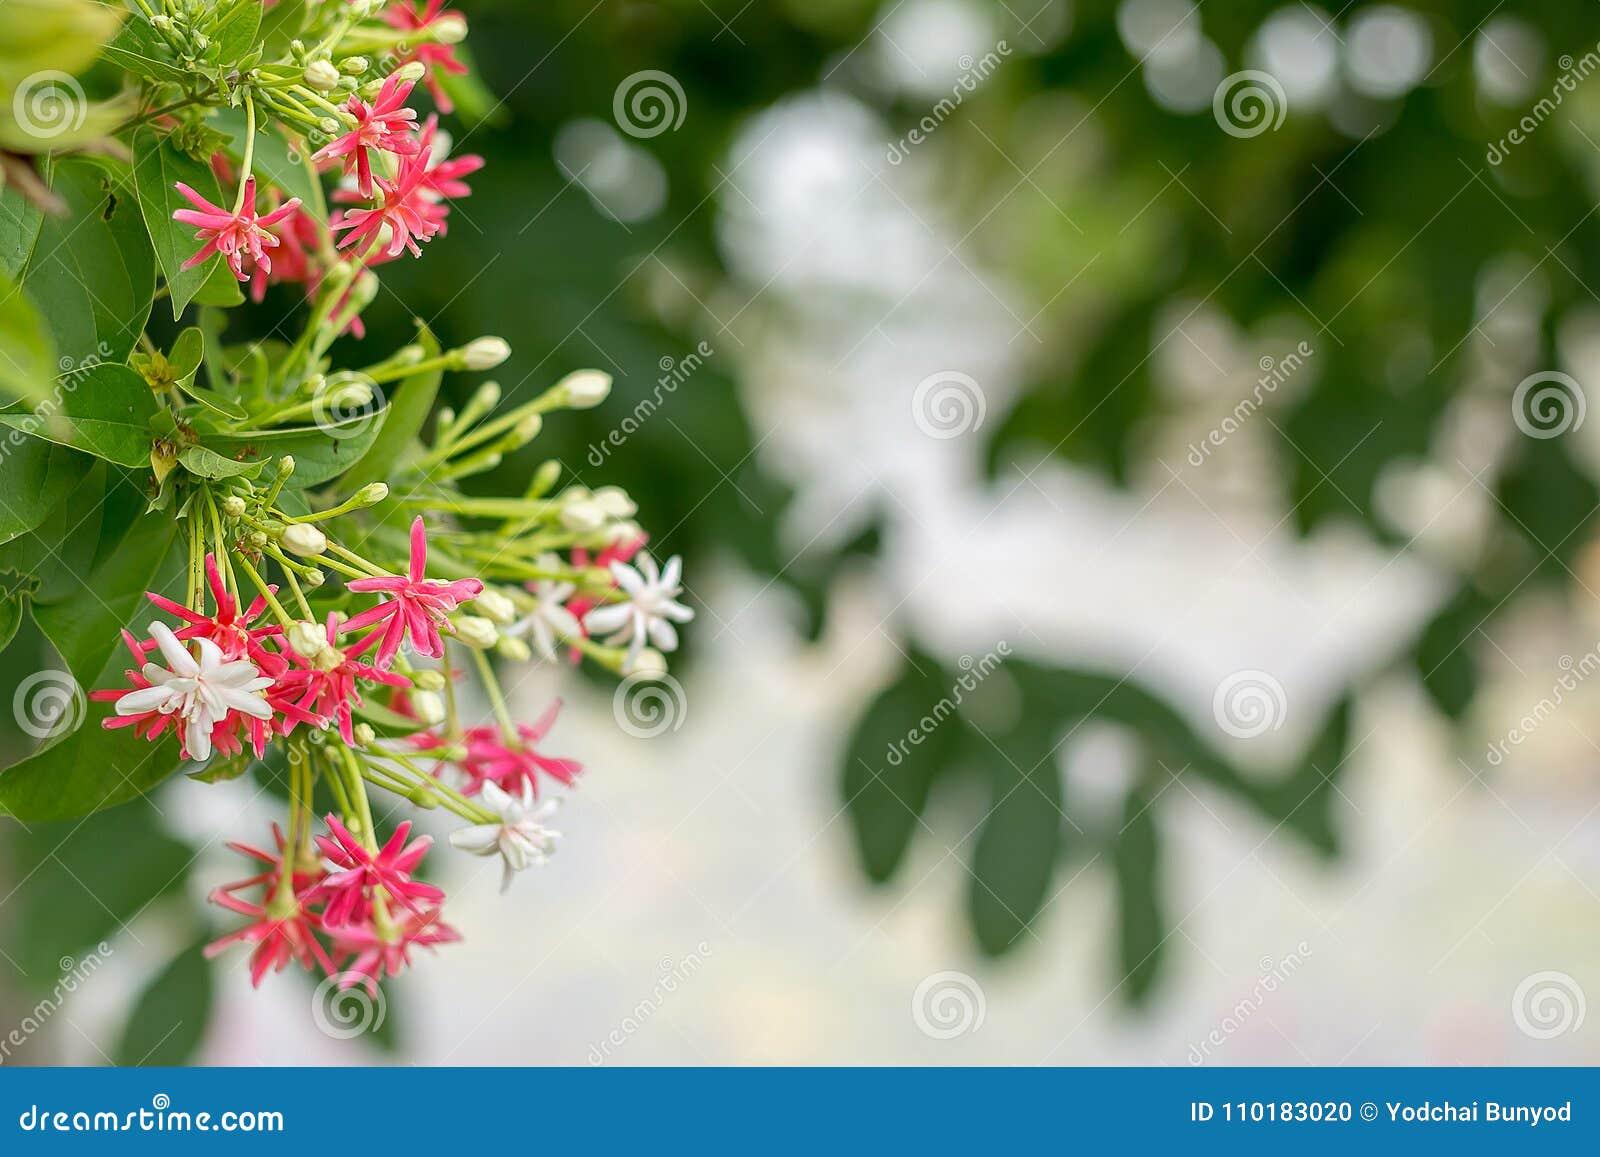 Fleur Rose Et Blanche De Plante Grimpante De Rangoon Sur Le Fond De